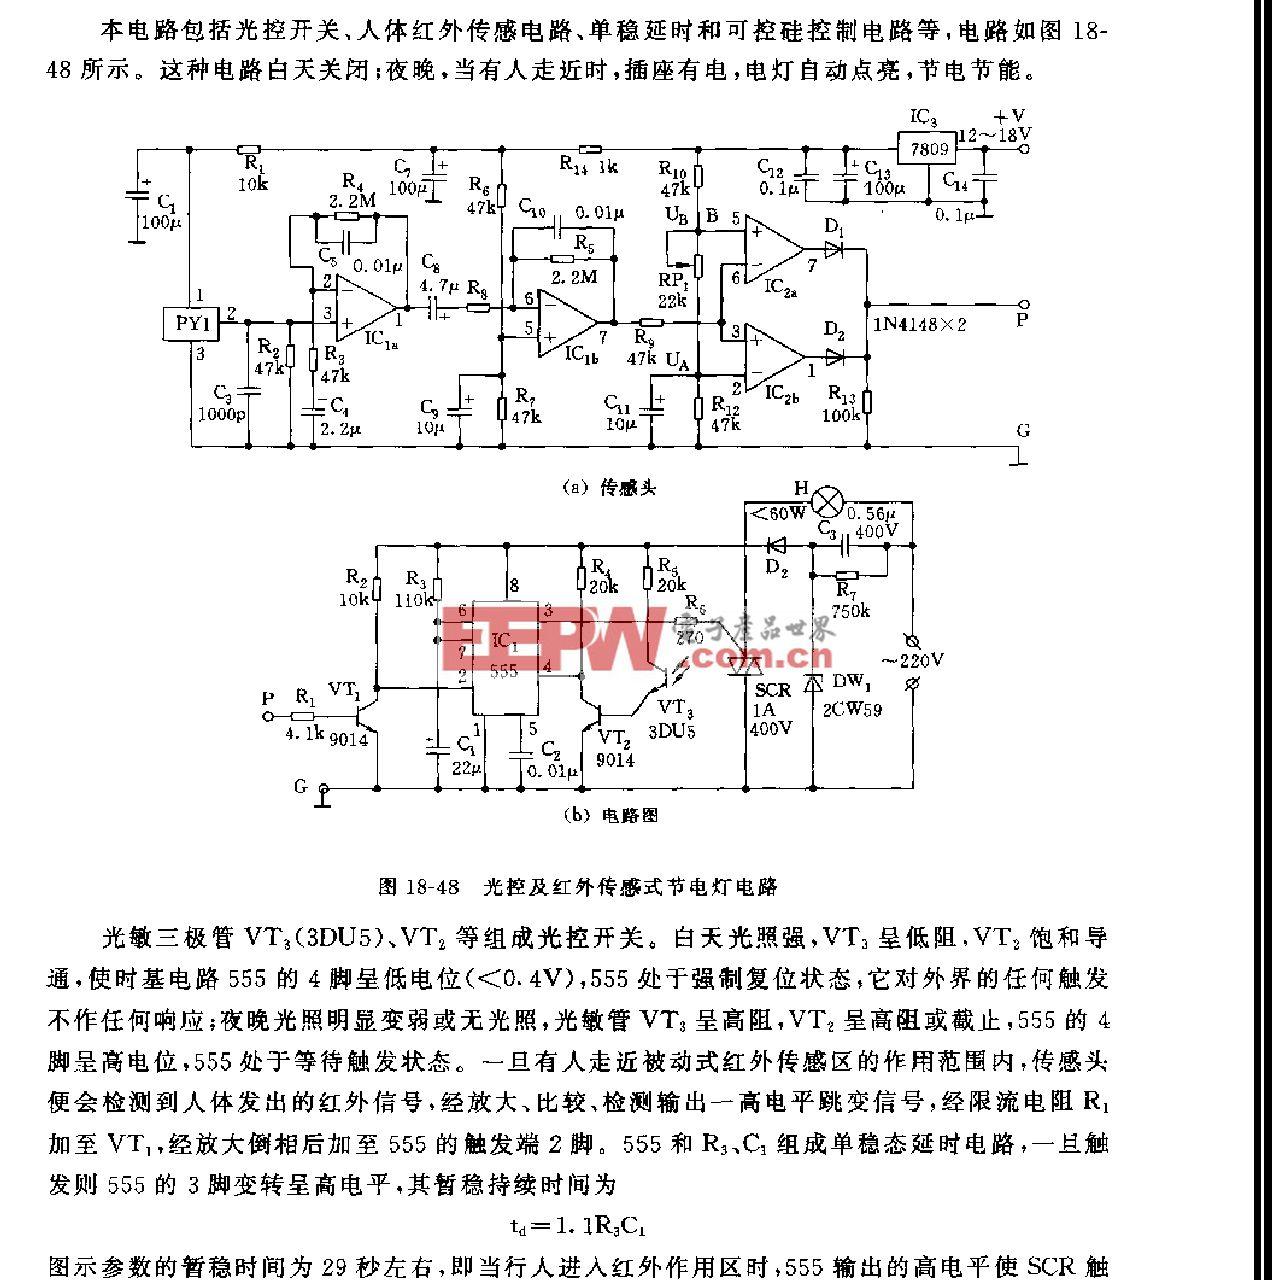 555光控及红外传感式节电灯电路